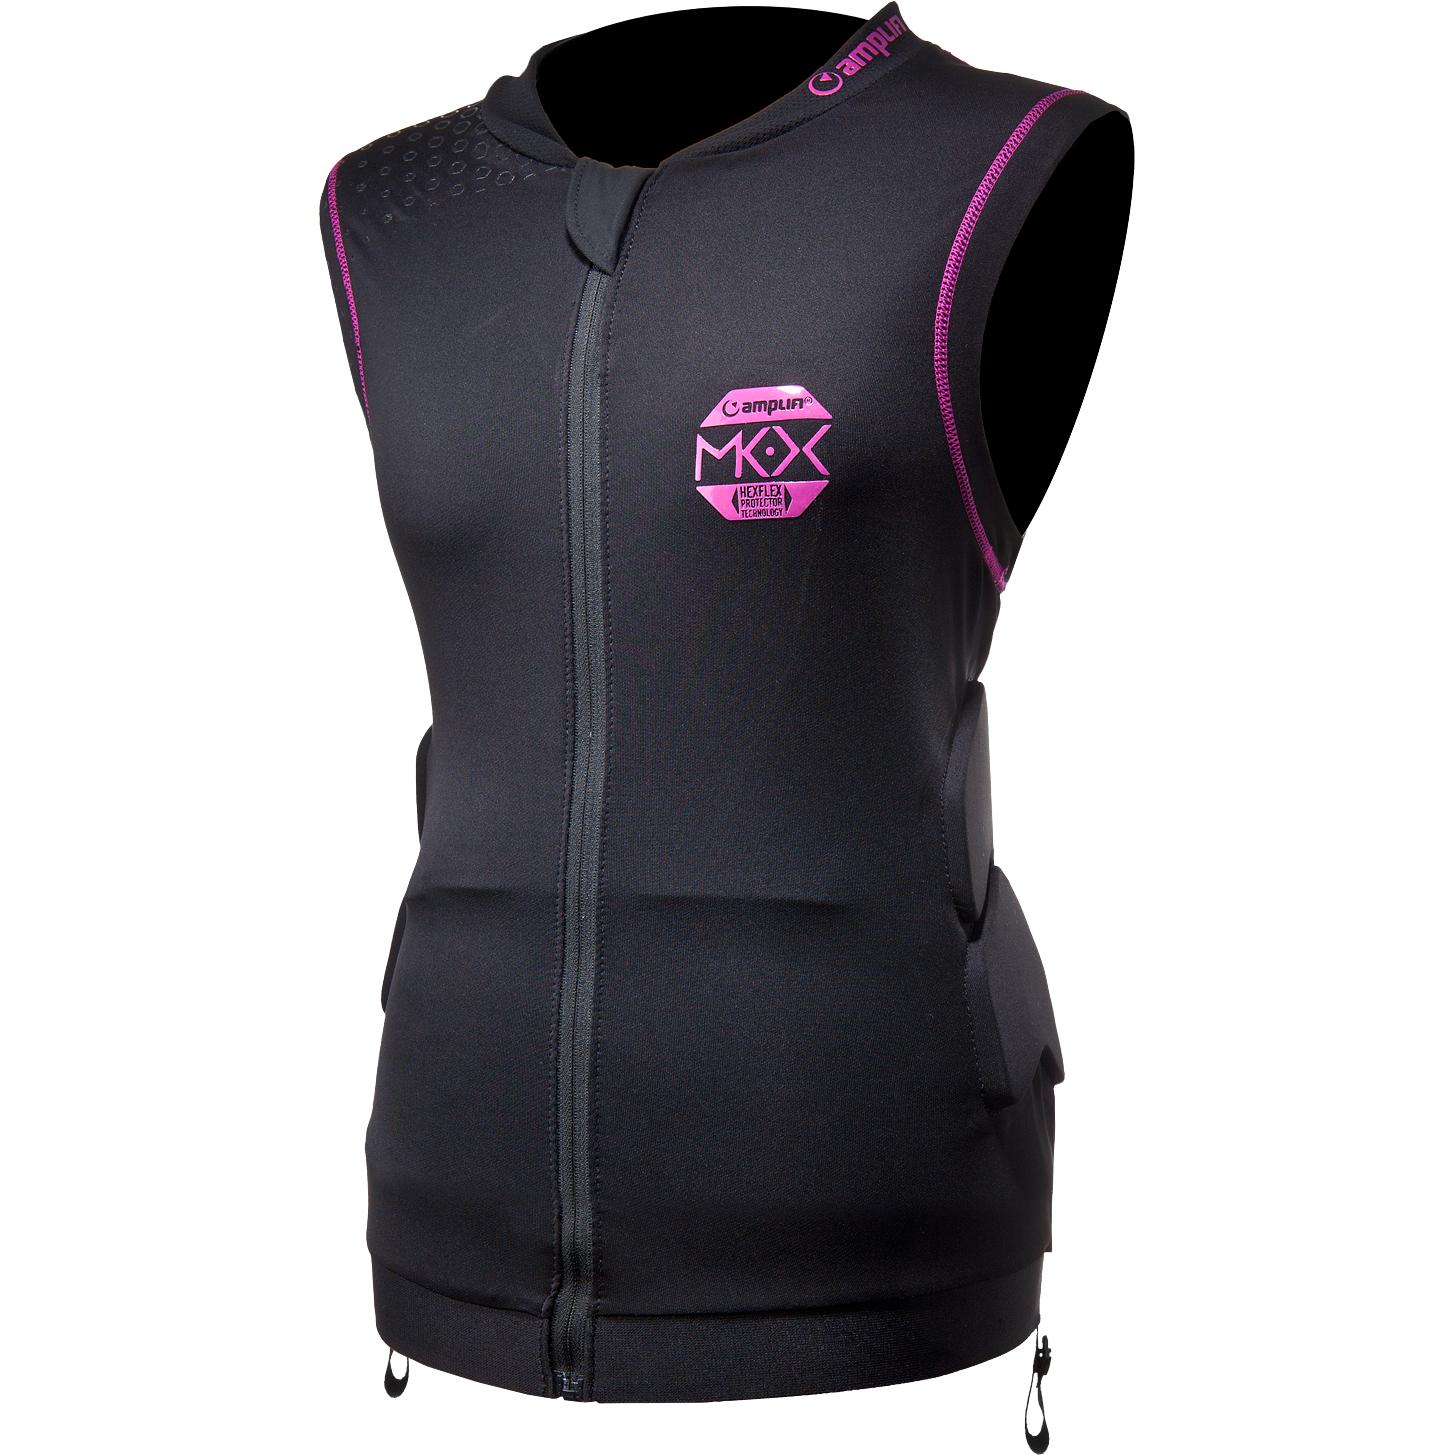 Produktbild von Amplifi MKX Top für Damen - black rose